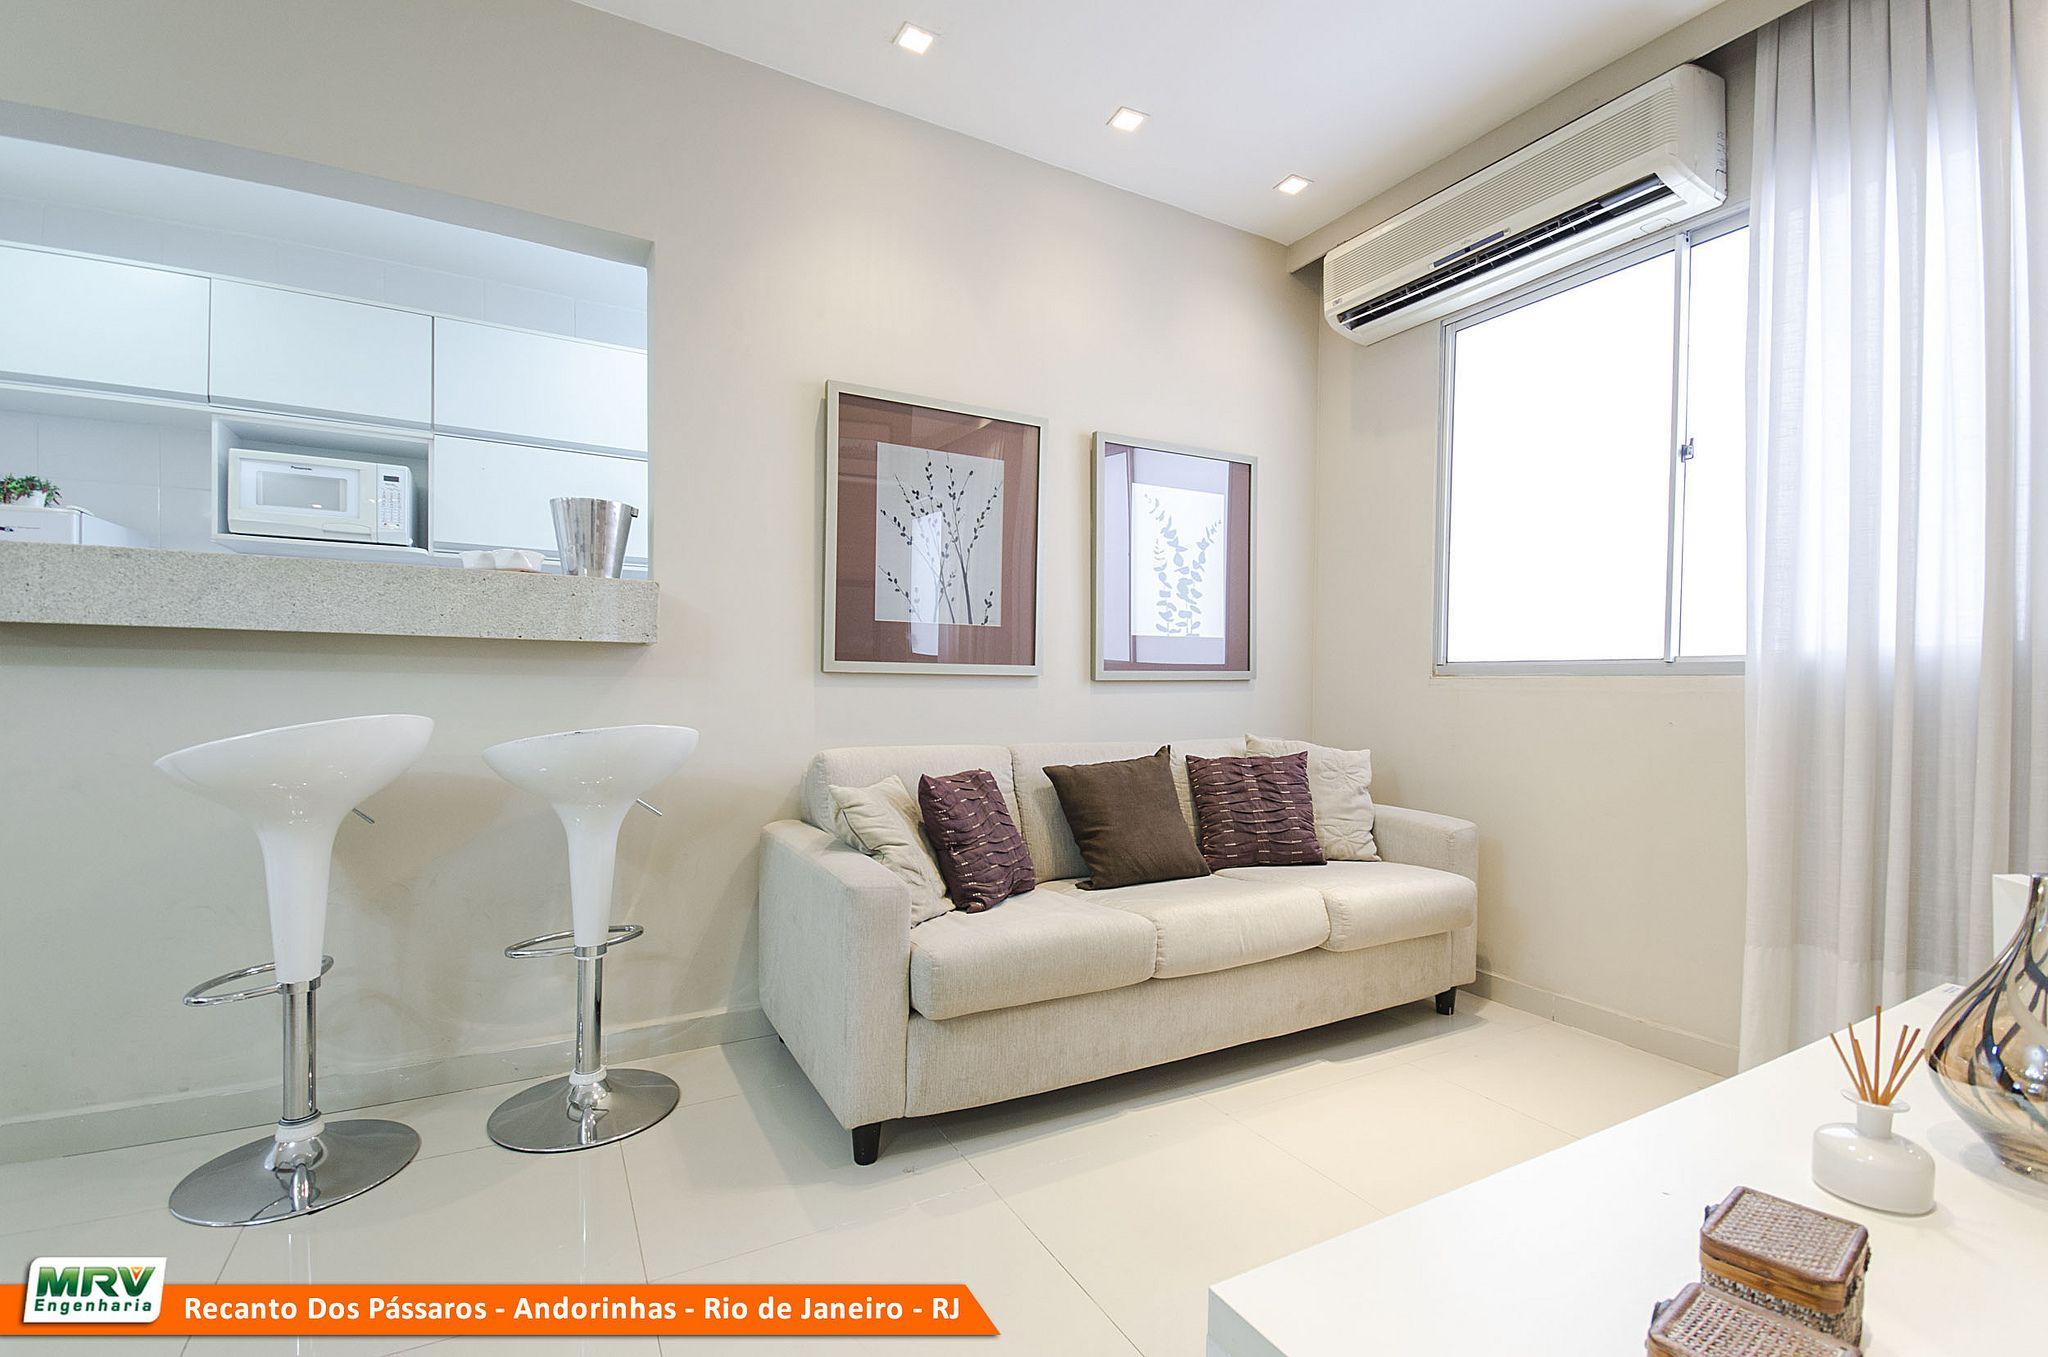 Apartamento Mrv No Rio De Janeiro Recanto Dos P Ssaros Andorinhas  -> Papel De Parede Sala Mrv